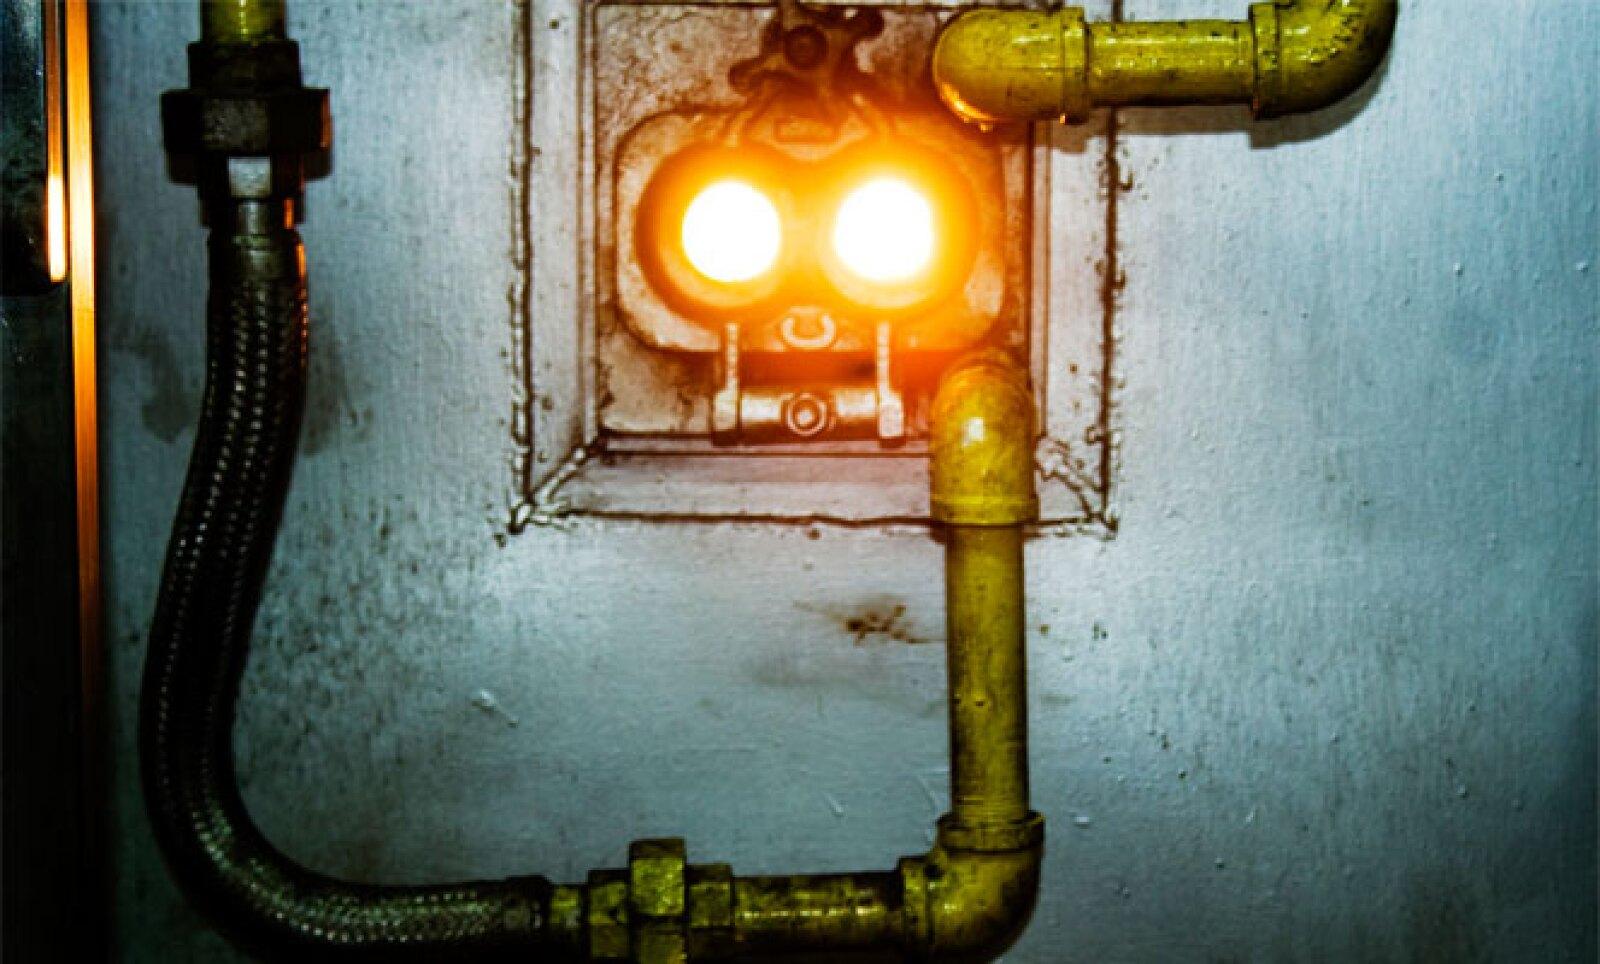 En calderas se quema el bagazo y el biogas generado para transfórmalo en energía eléctrica, calor y vapor. La ceniza que resulta de esta etapa se comercializa para la fabricación de fertilizante.